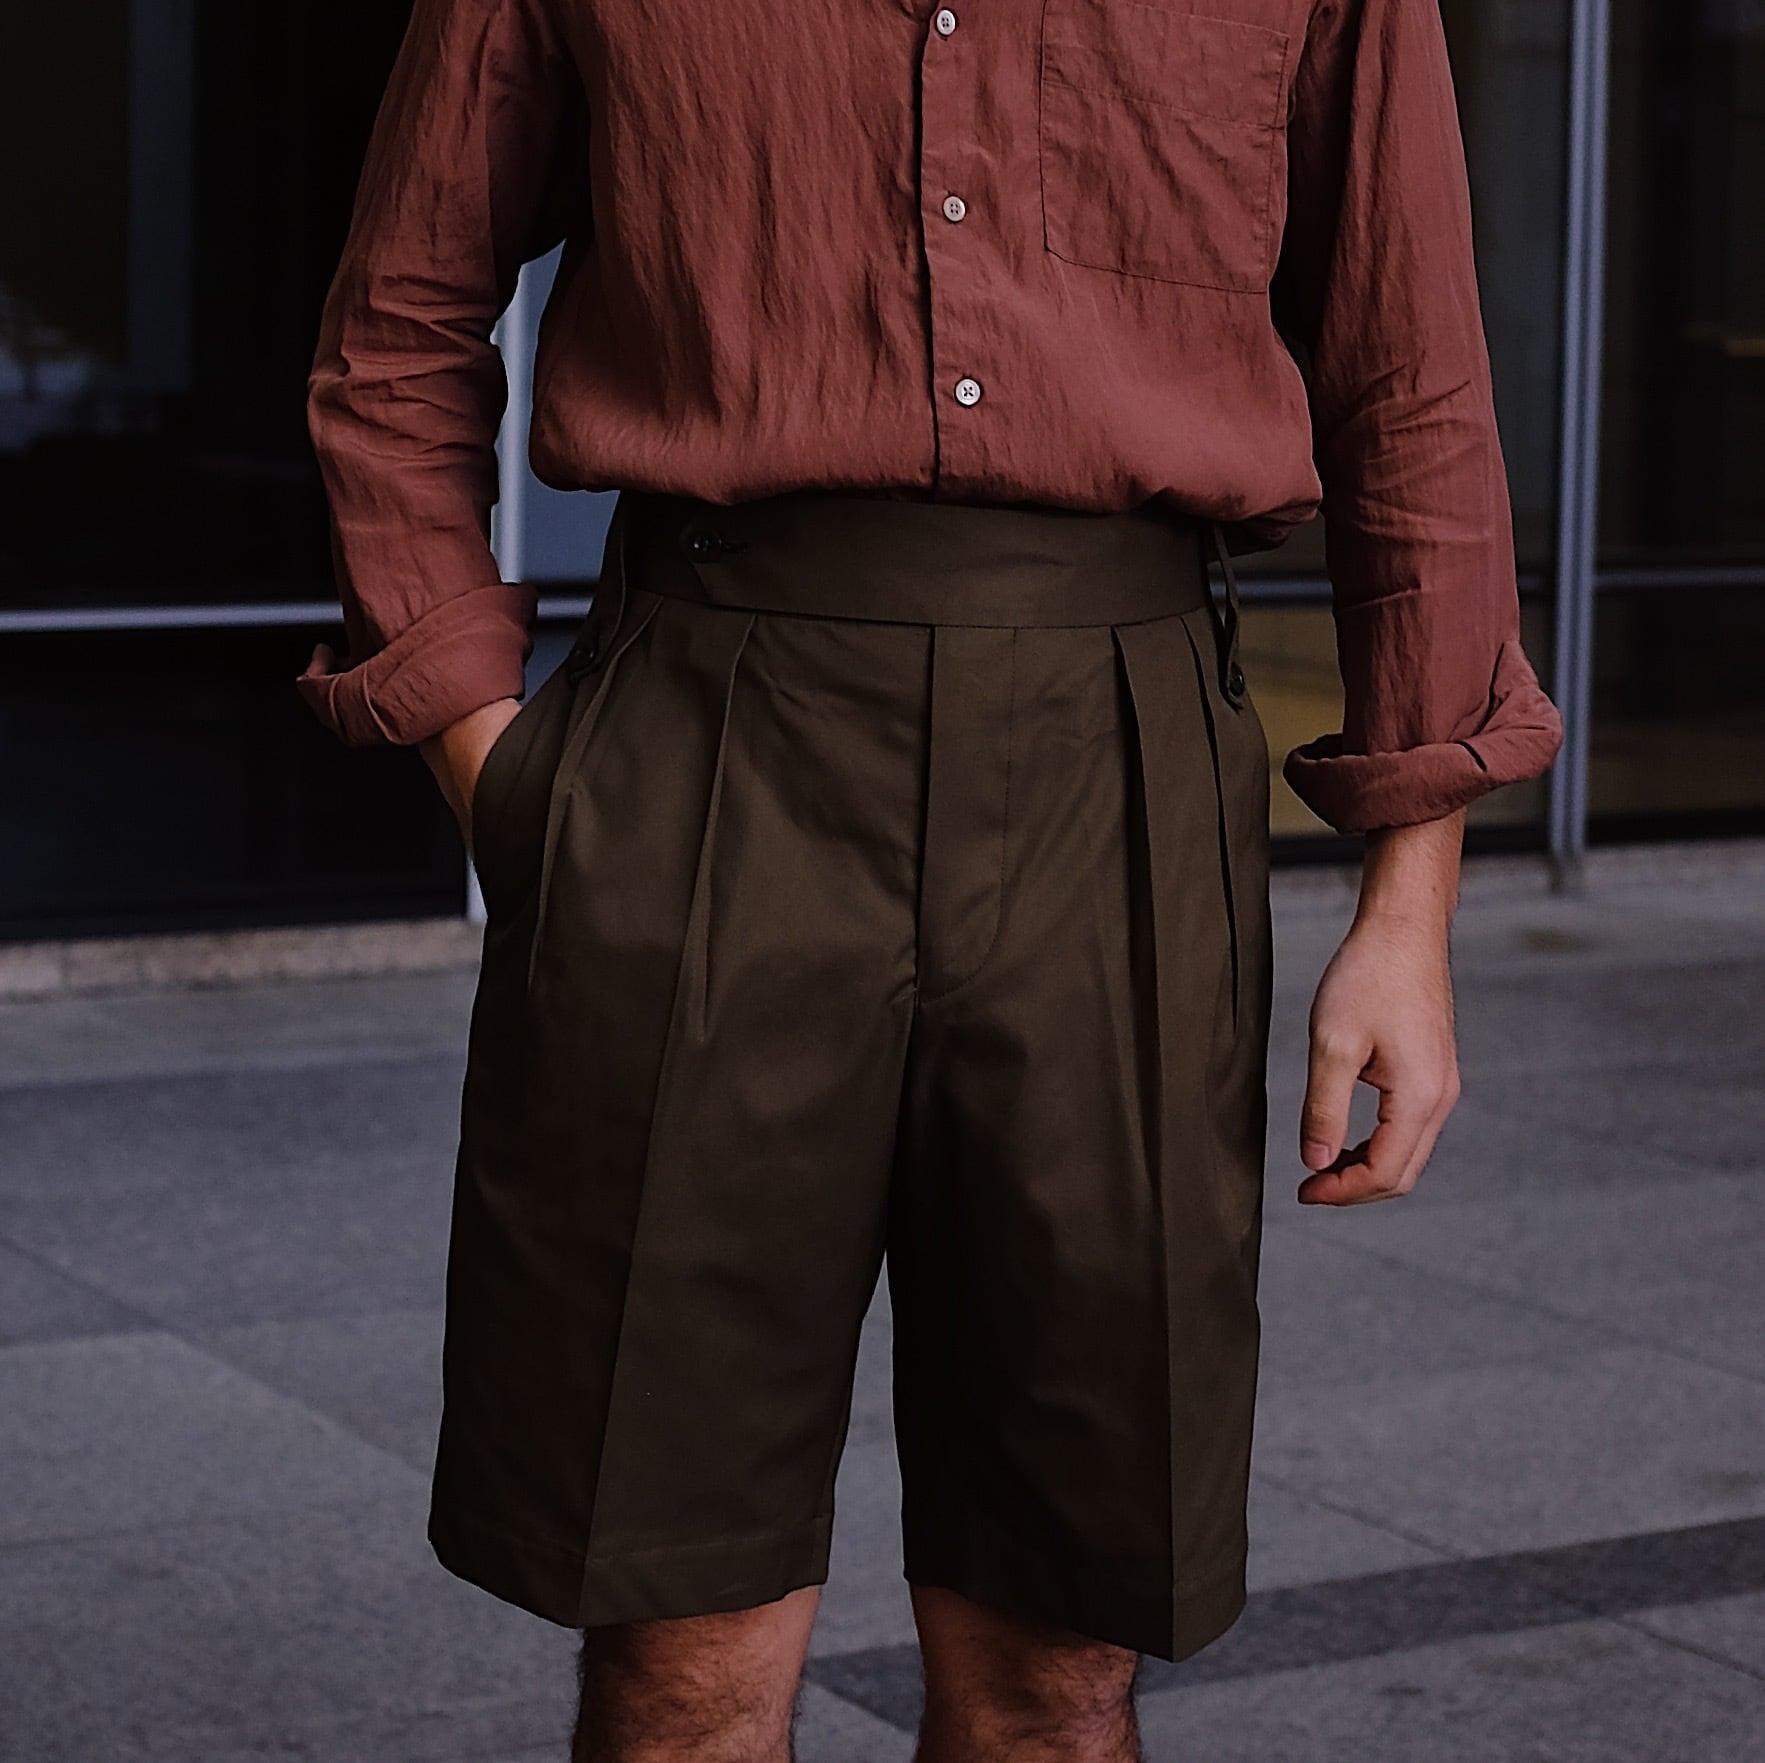 Tangent / Tan03 British Army Chino Shorts